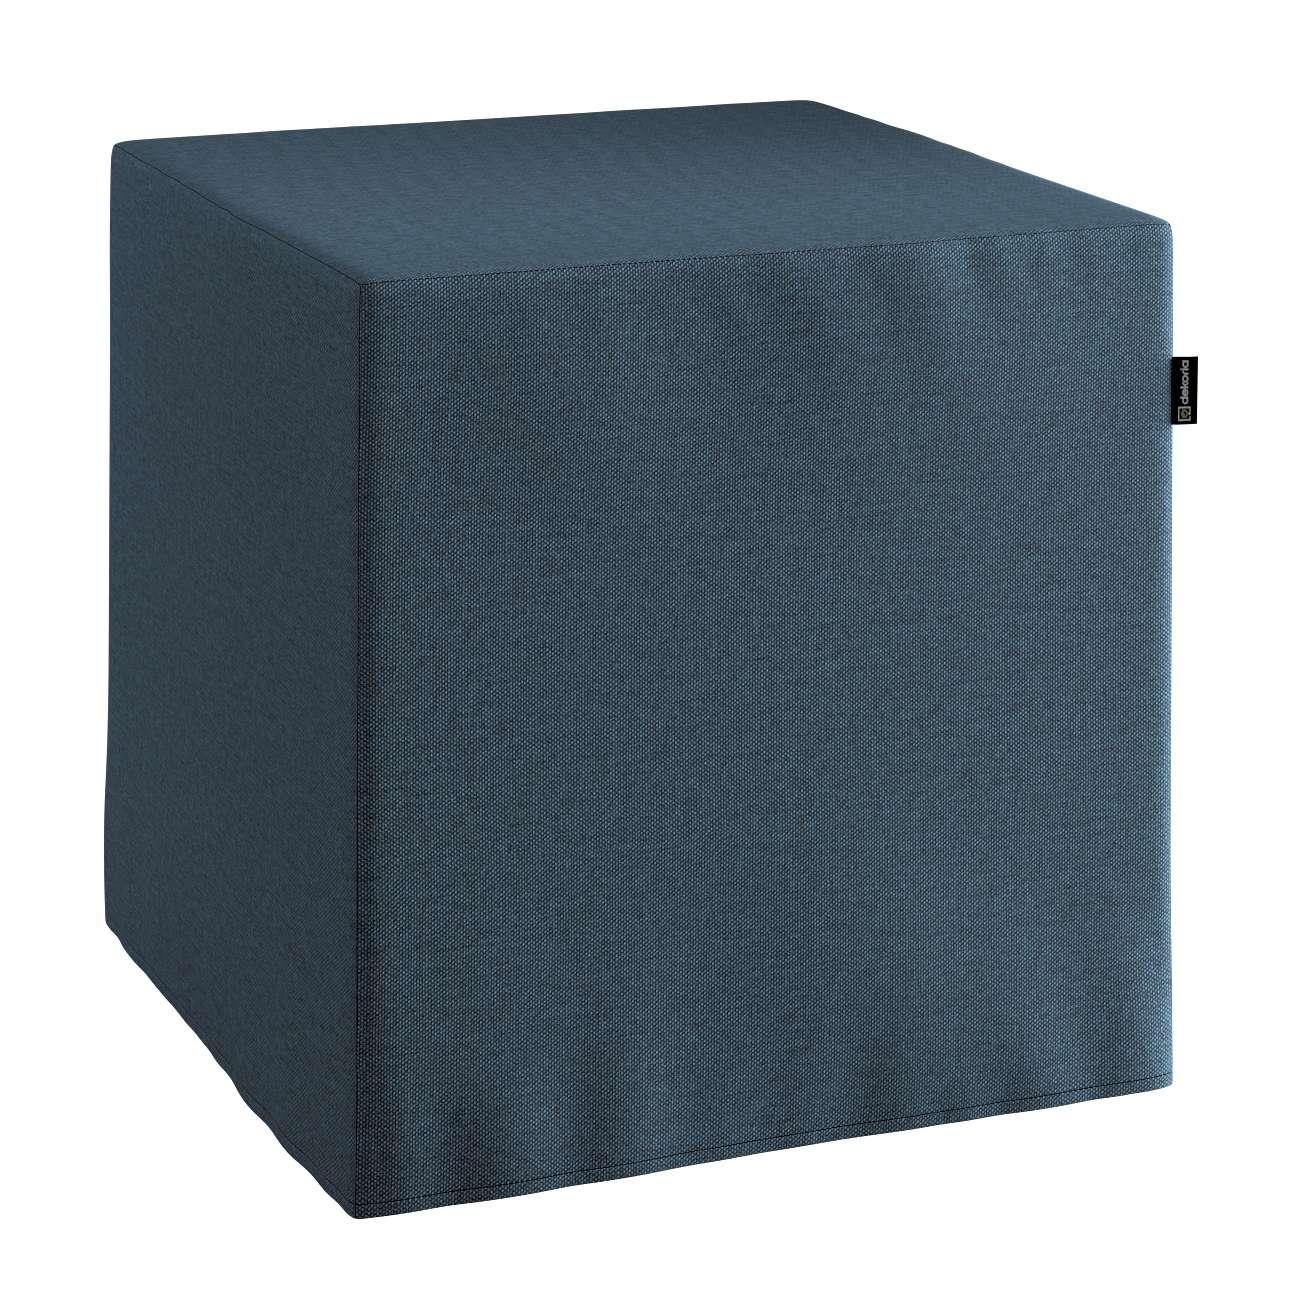 Sitzwürfel von der Kollektion Etna, Stoff: 705-30